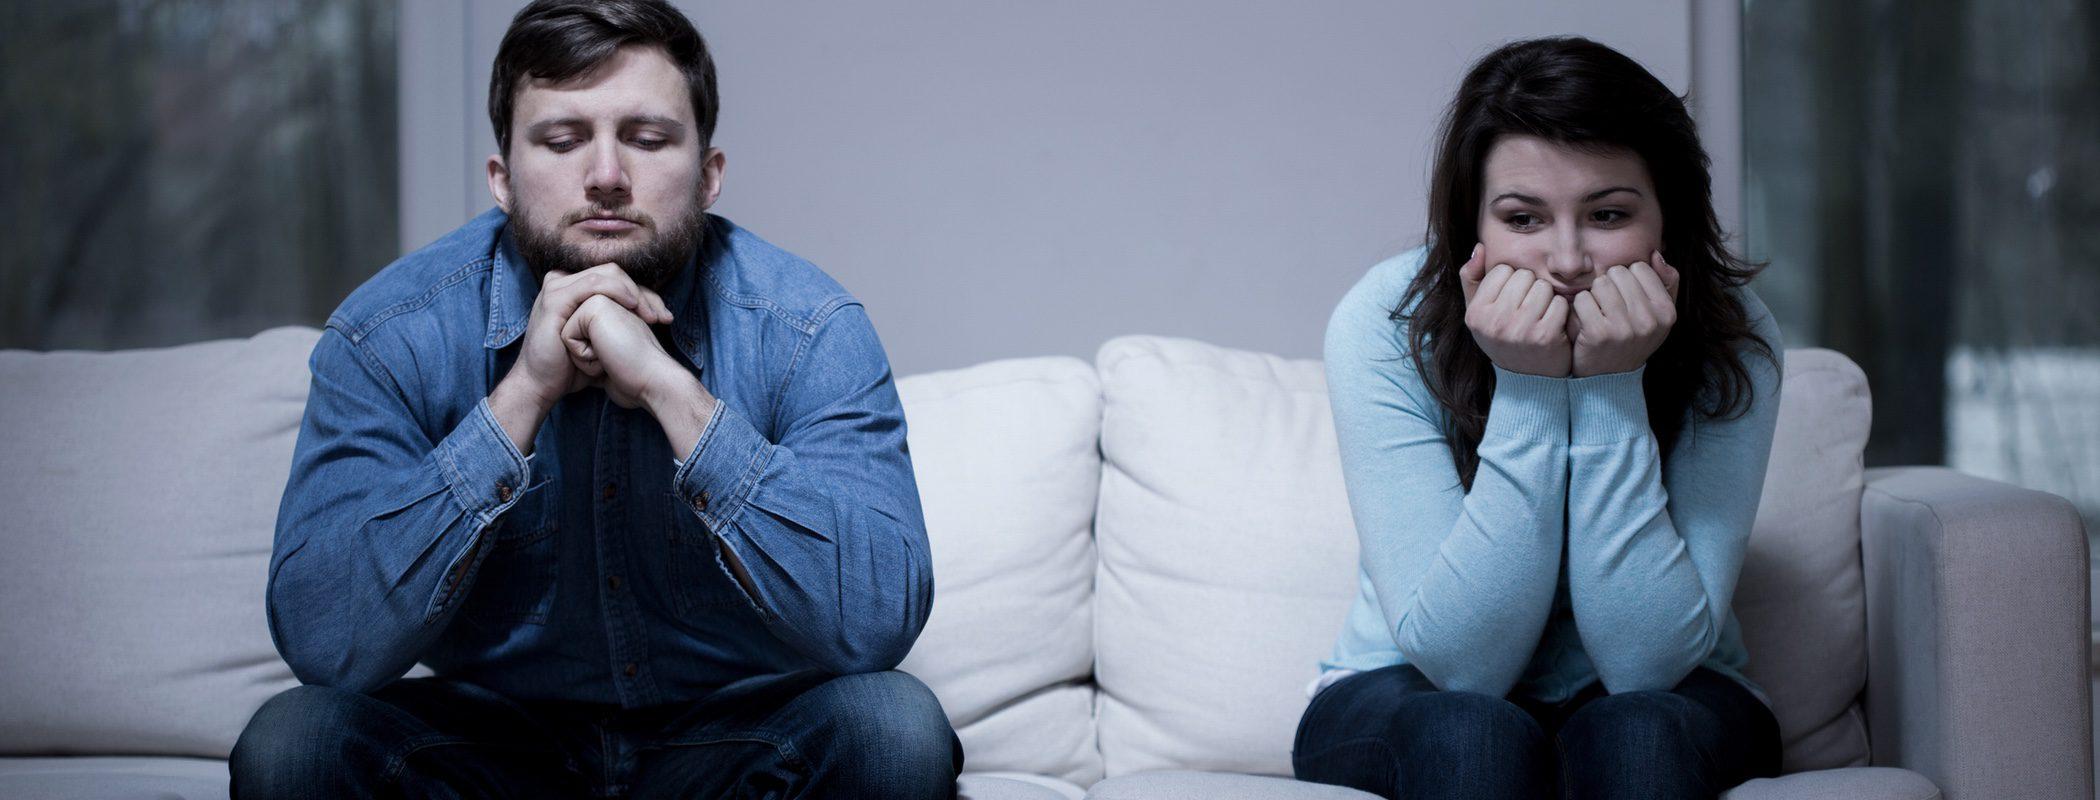 4 señales de que sales con una persona emocionalmente inestable